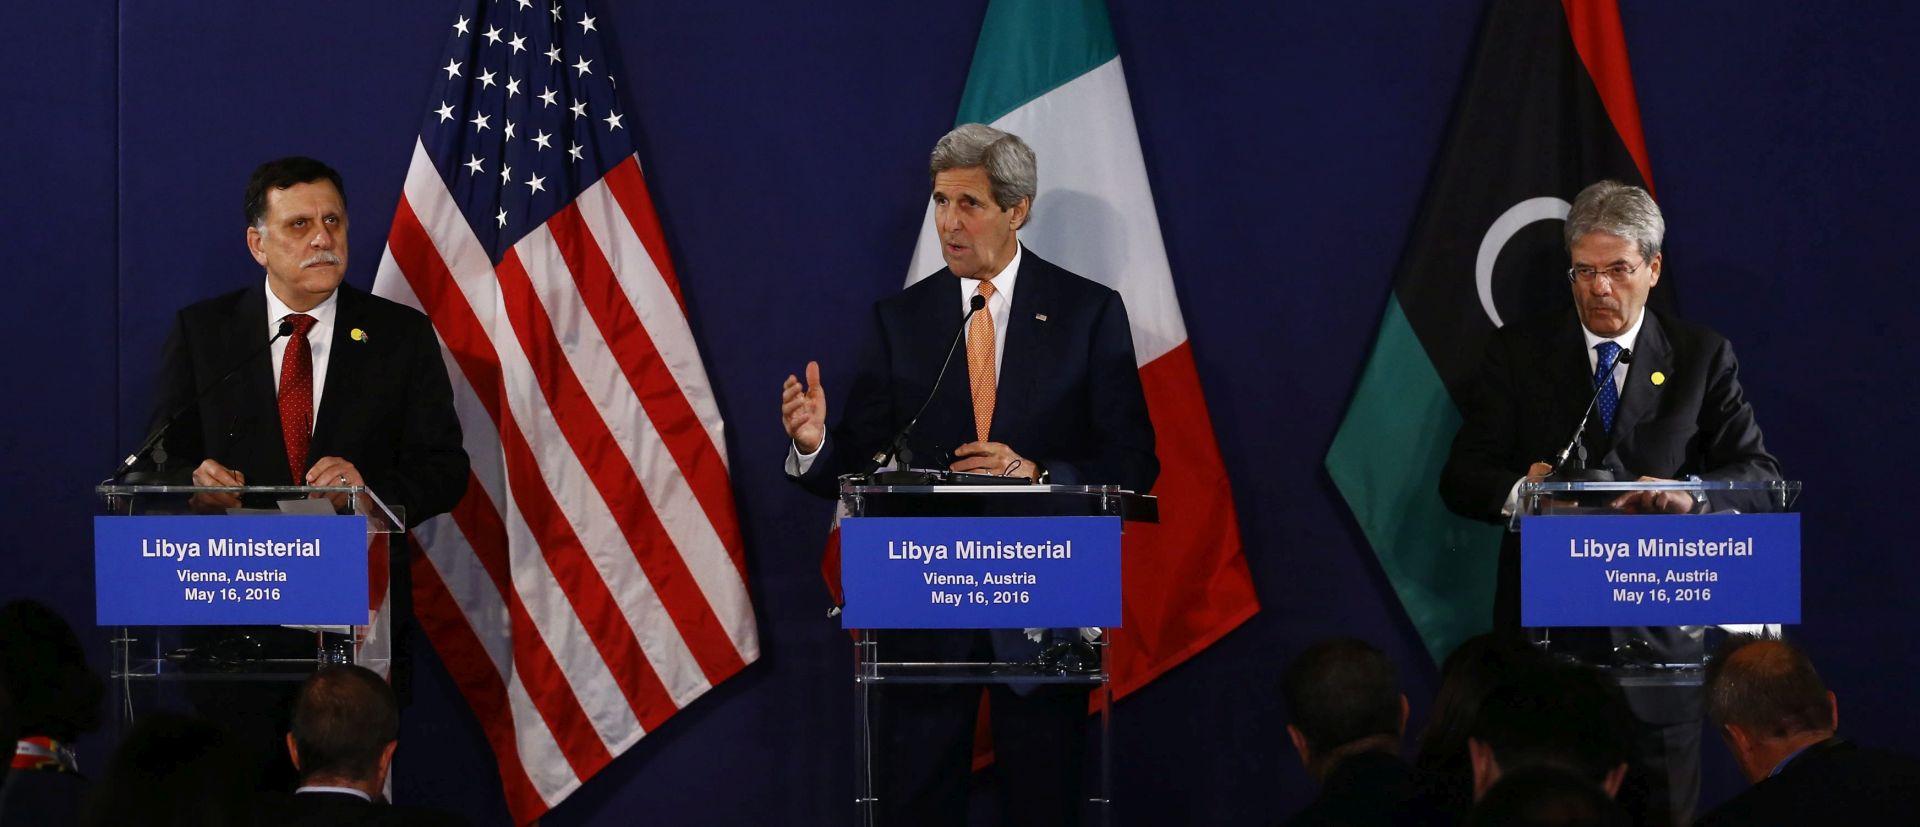 SASTANAK U BEČU: Svjetske i regionalne sile dogovorile se opskrbi oružjem